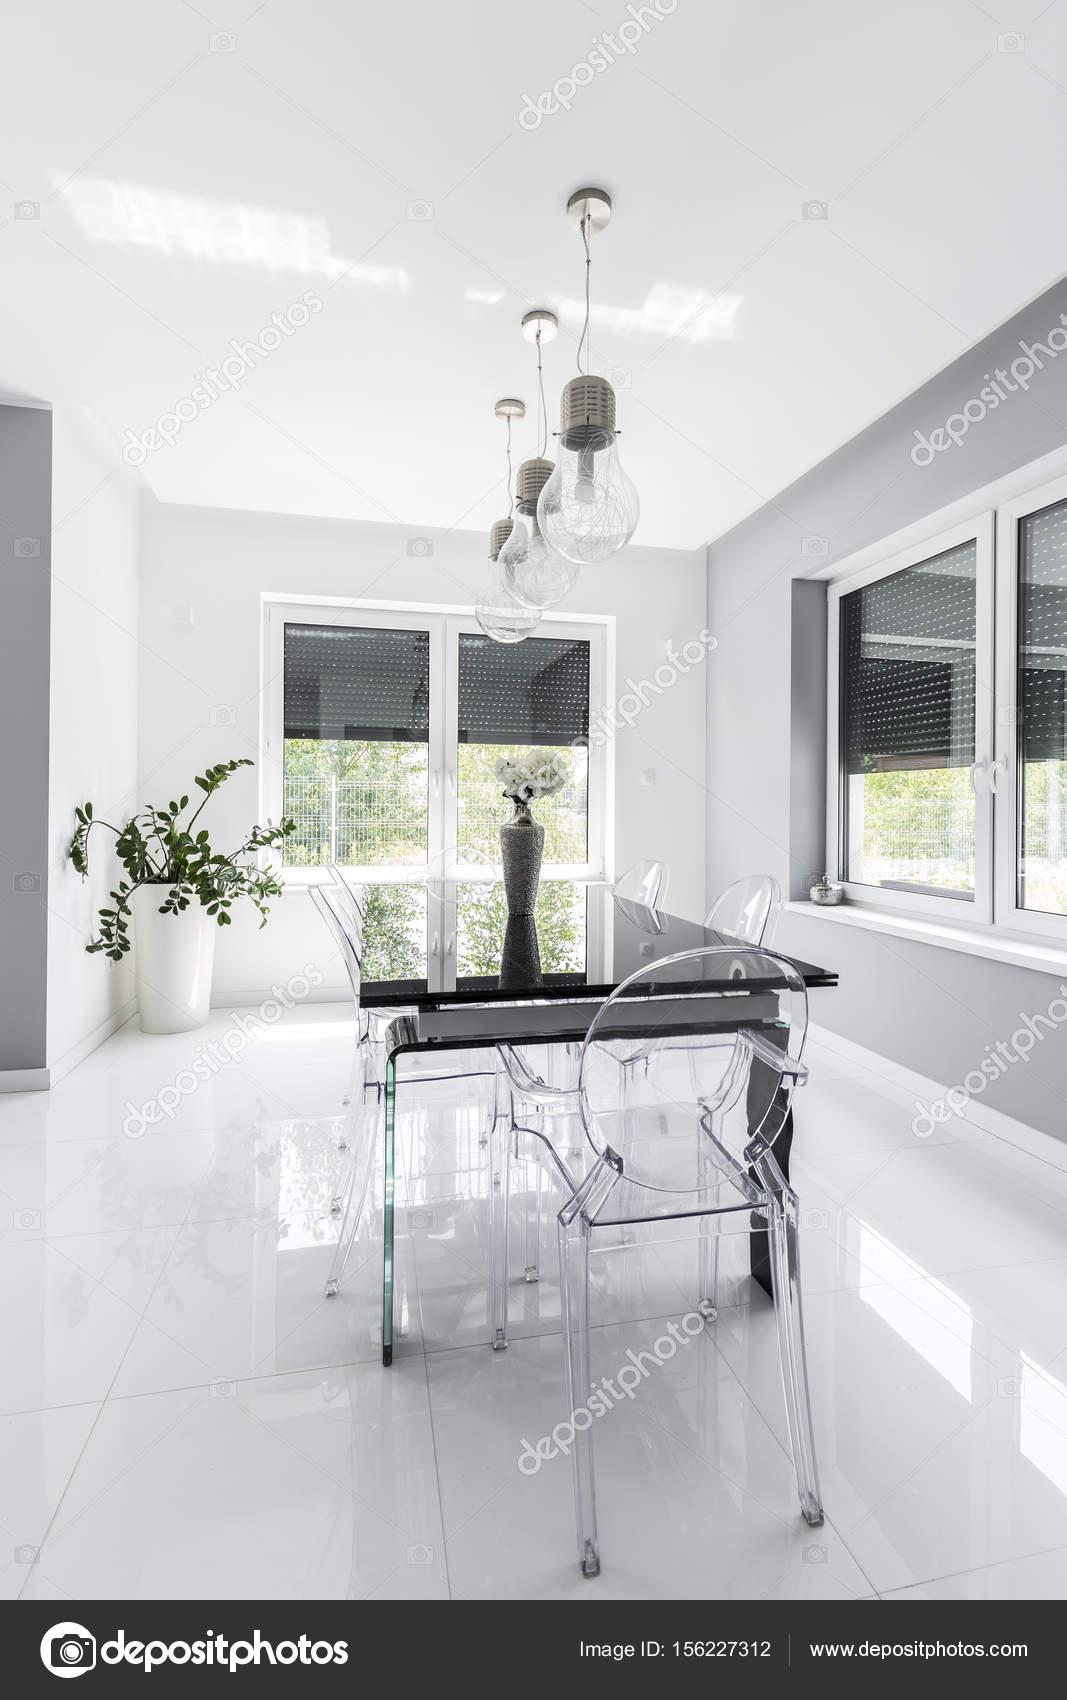 Comedor moderno minimalista diseñado en blanco — Fotos de Stock ...